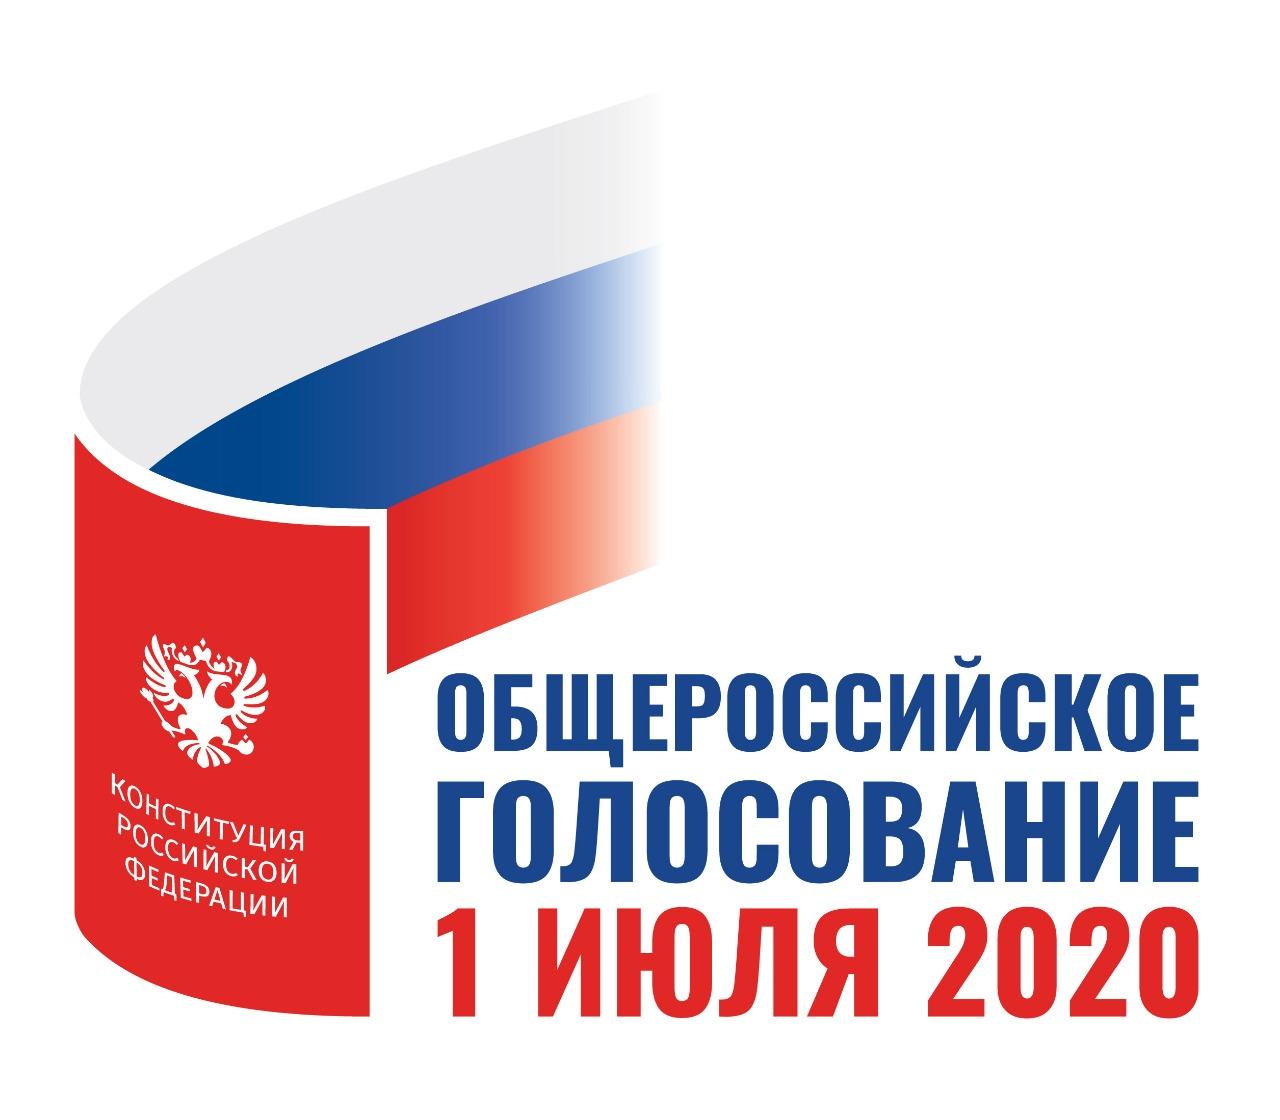 1 июля - День Общероссийского Голосования